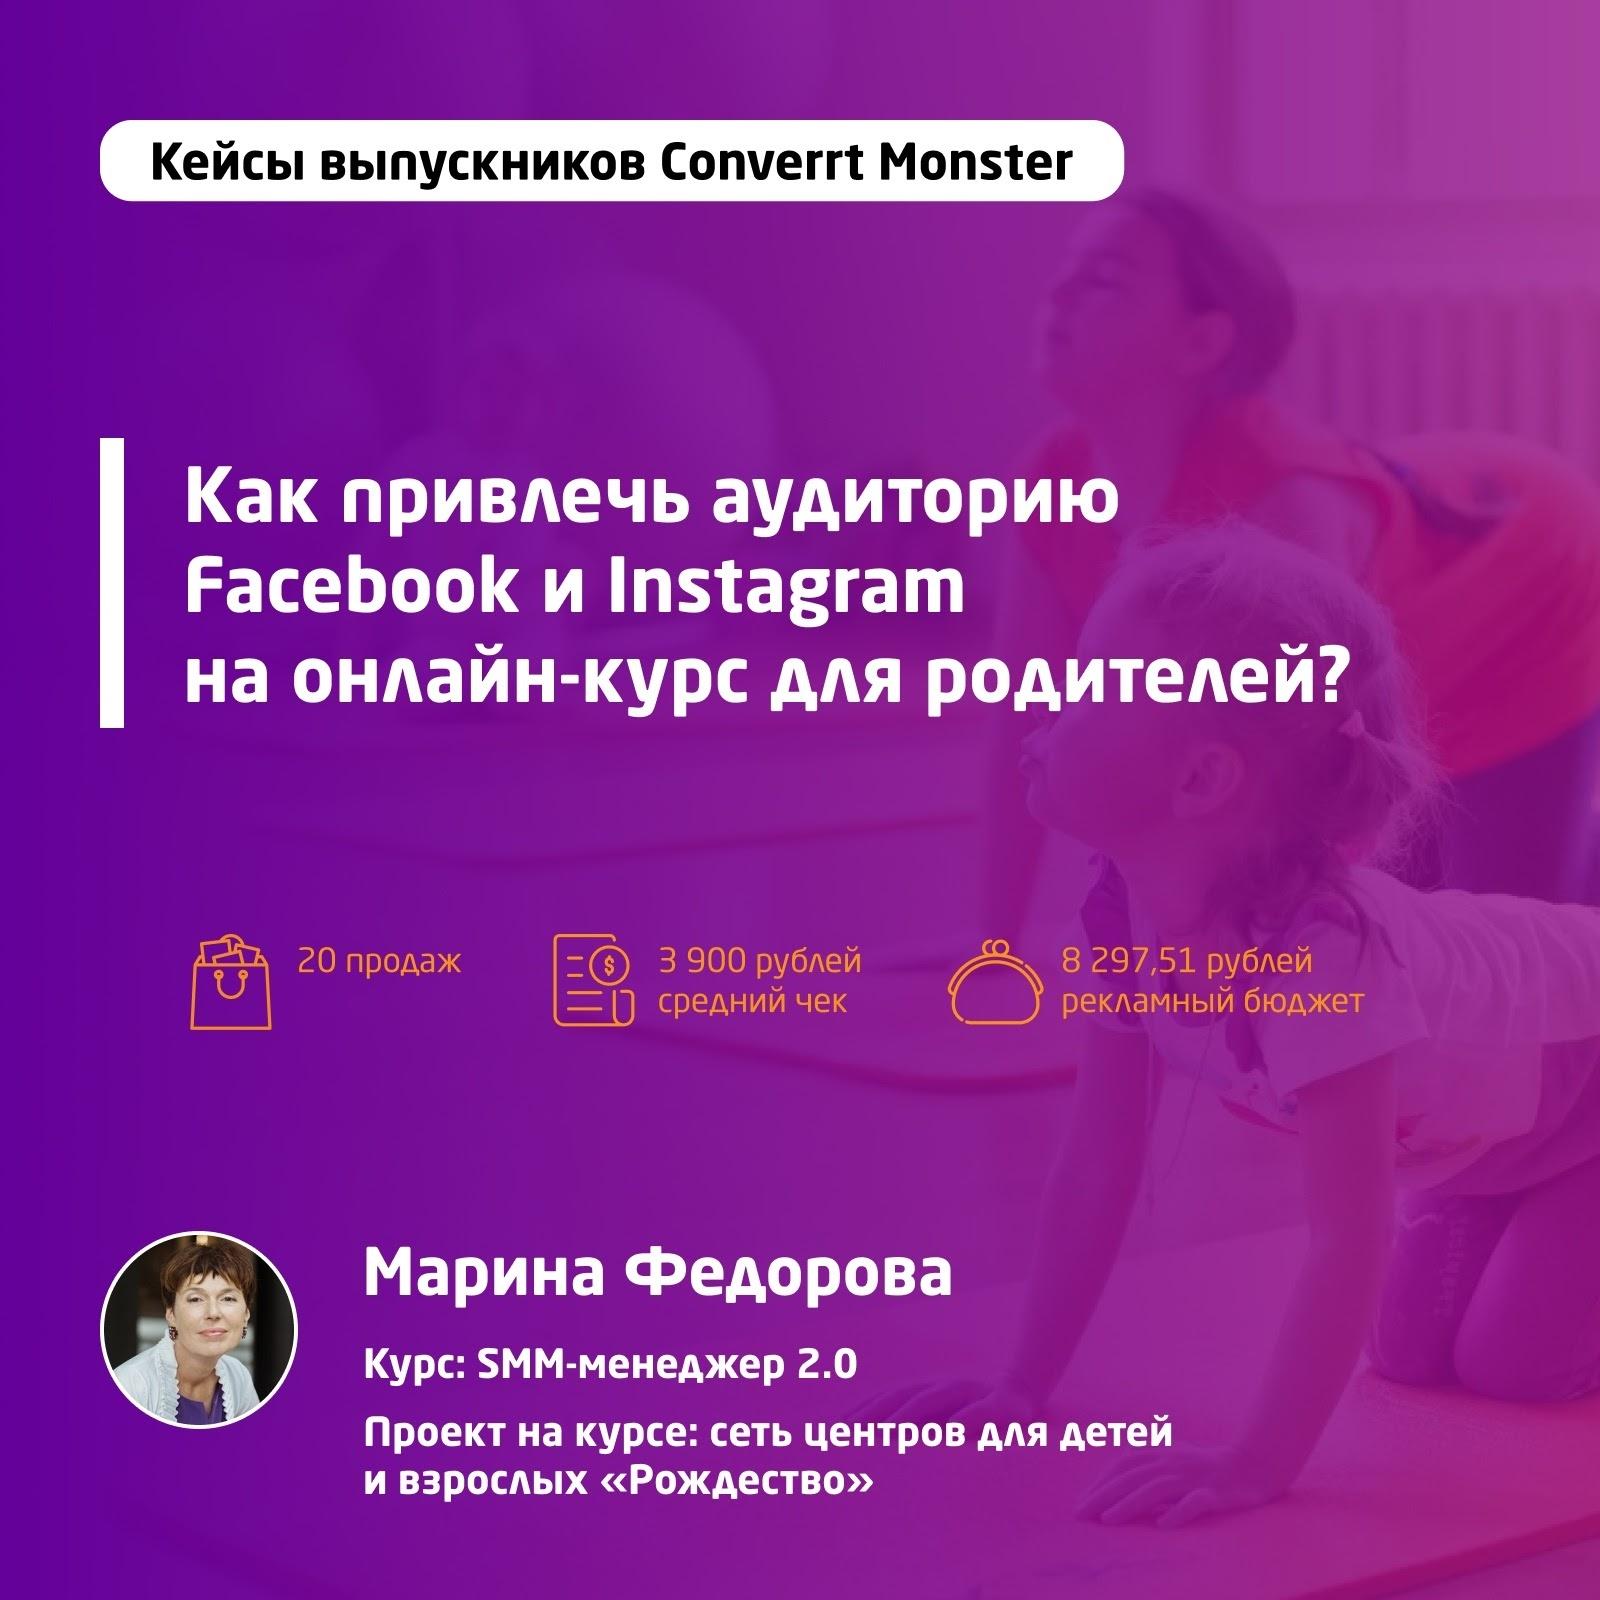 Кейс ученицы на курсе SMM-менеджер Марины Федоровой